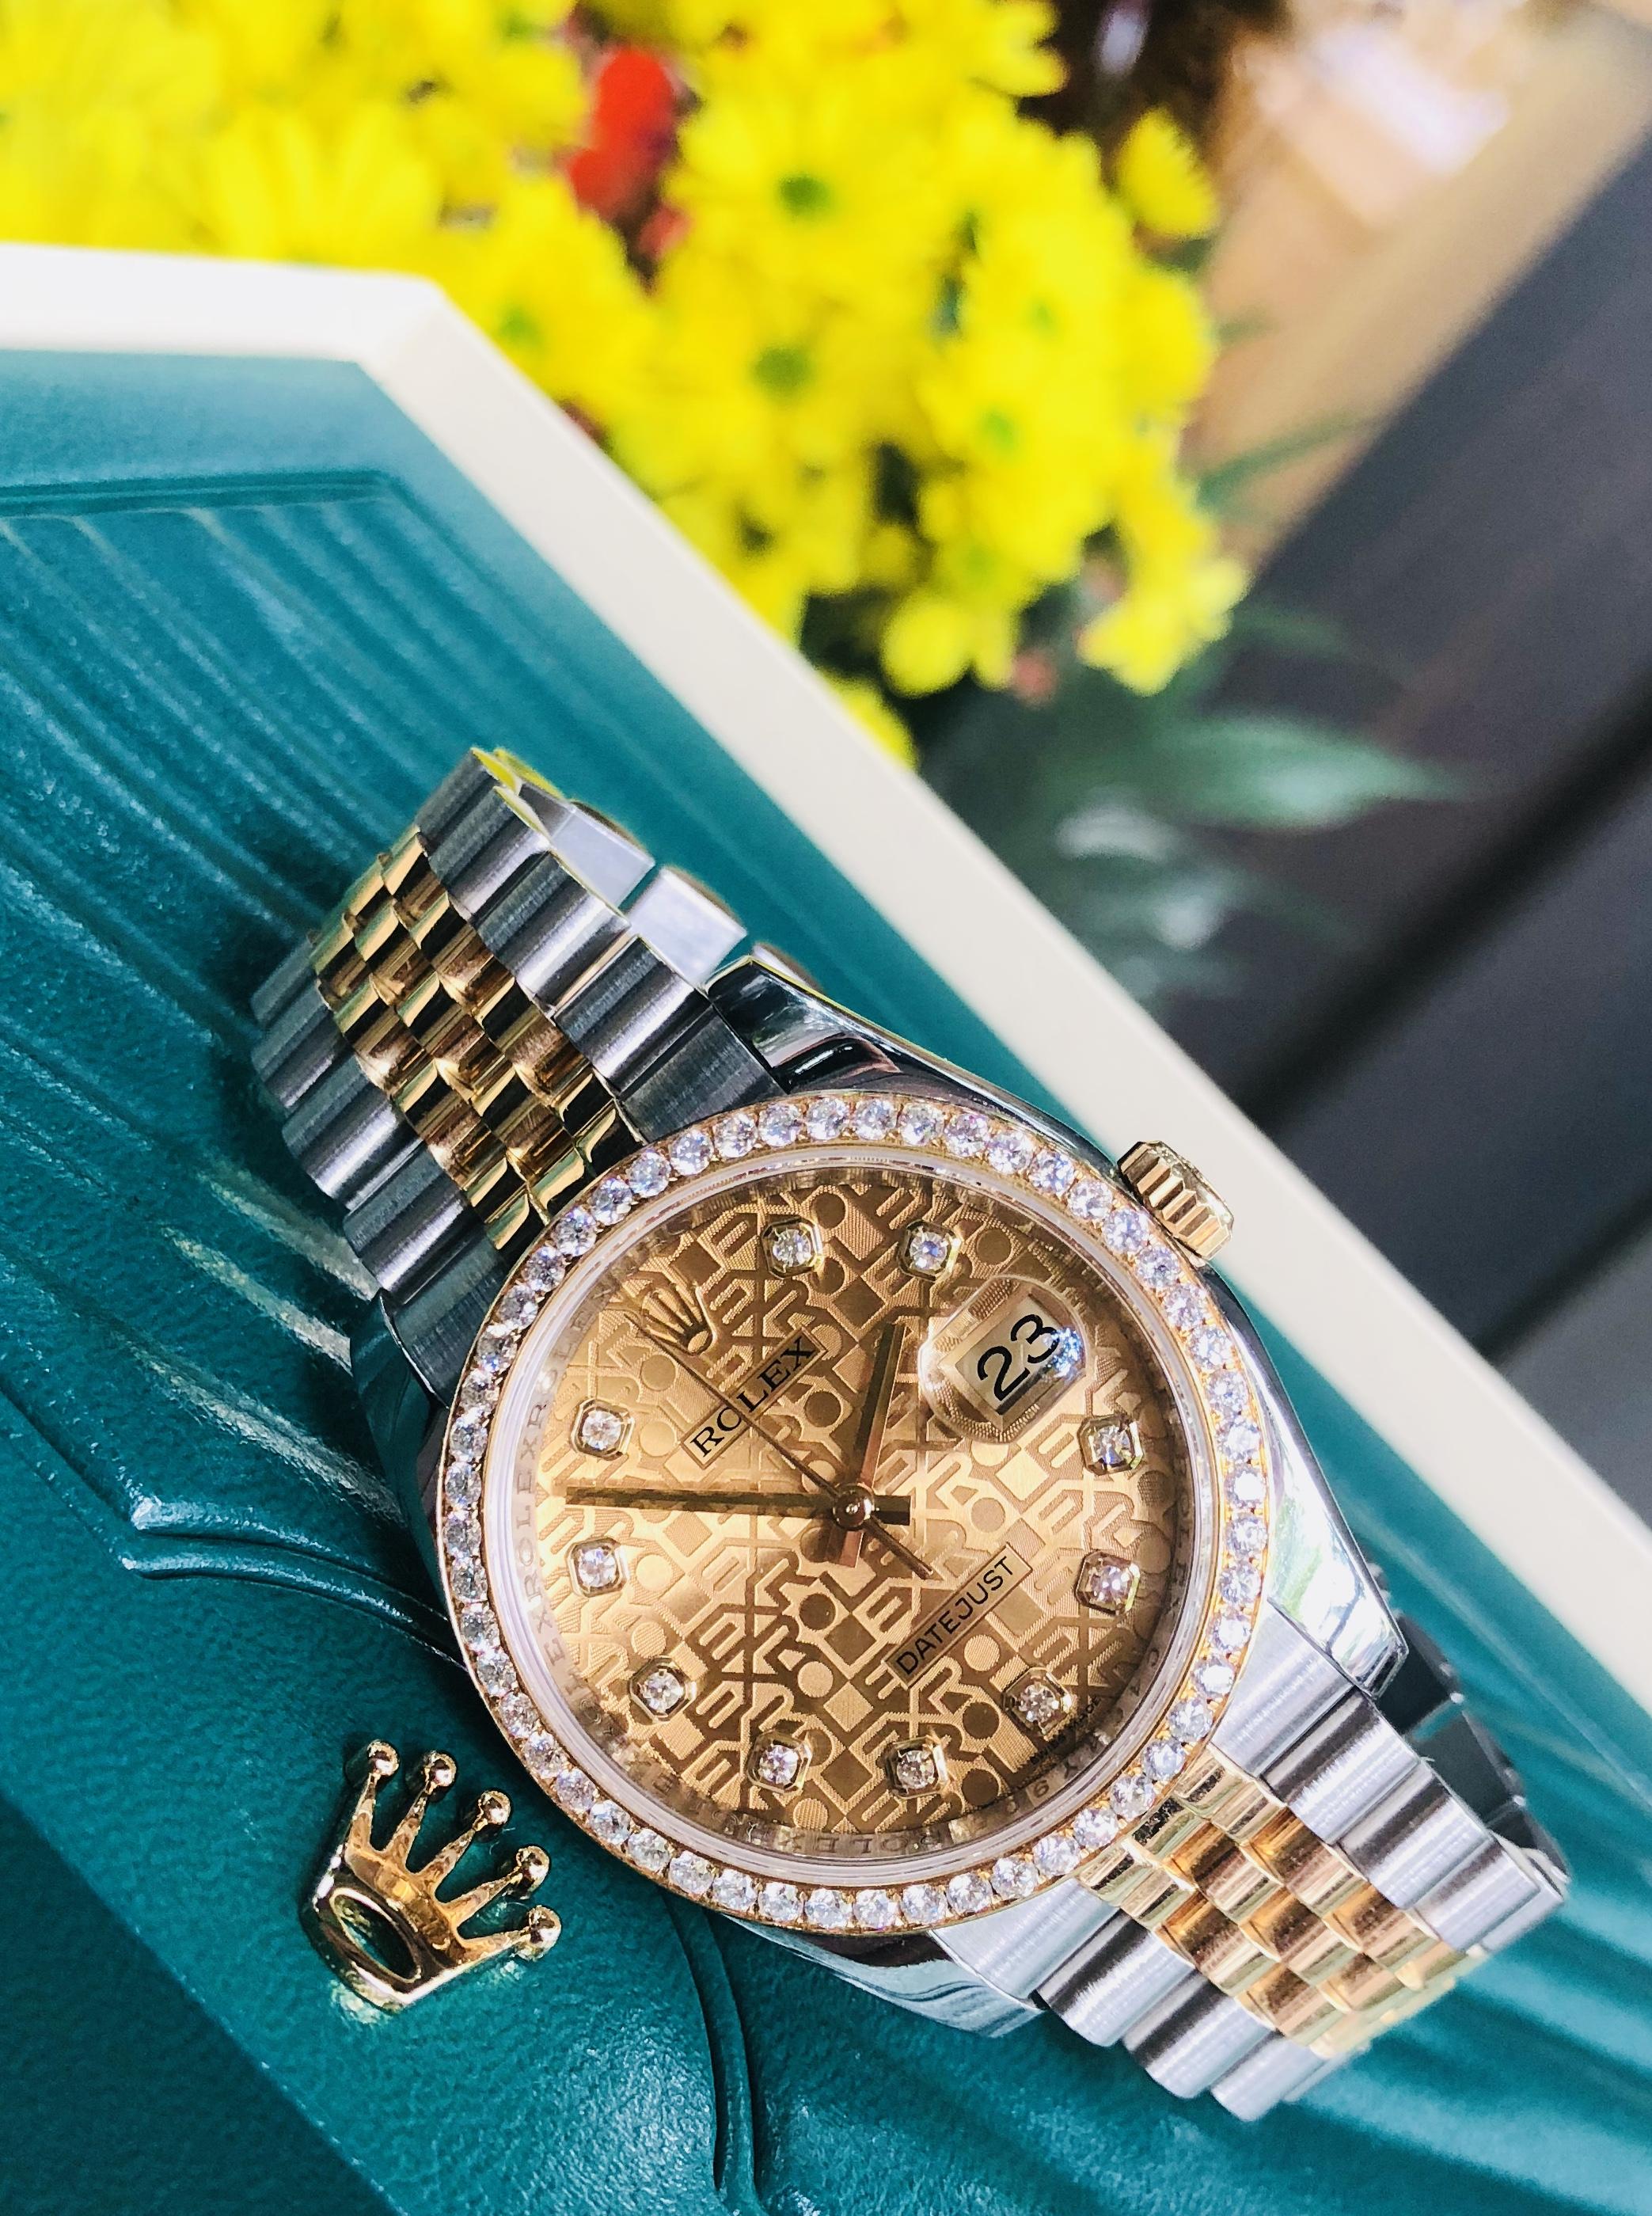 Rolex 116243 mặt vi tính niềng kim cương zin sản xuất 2016/2017